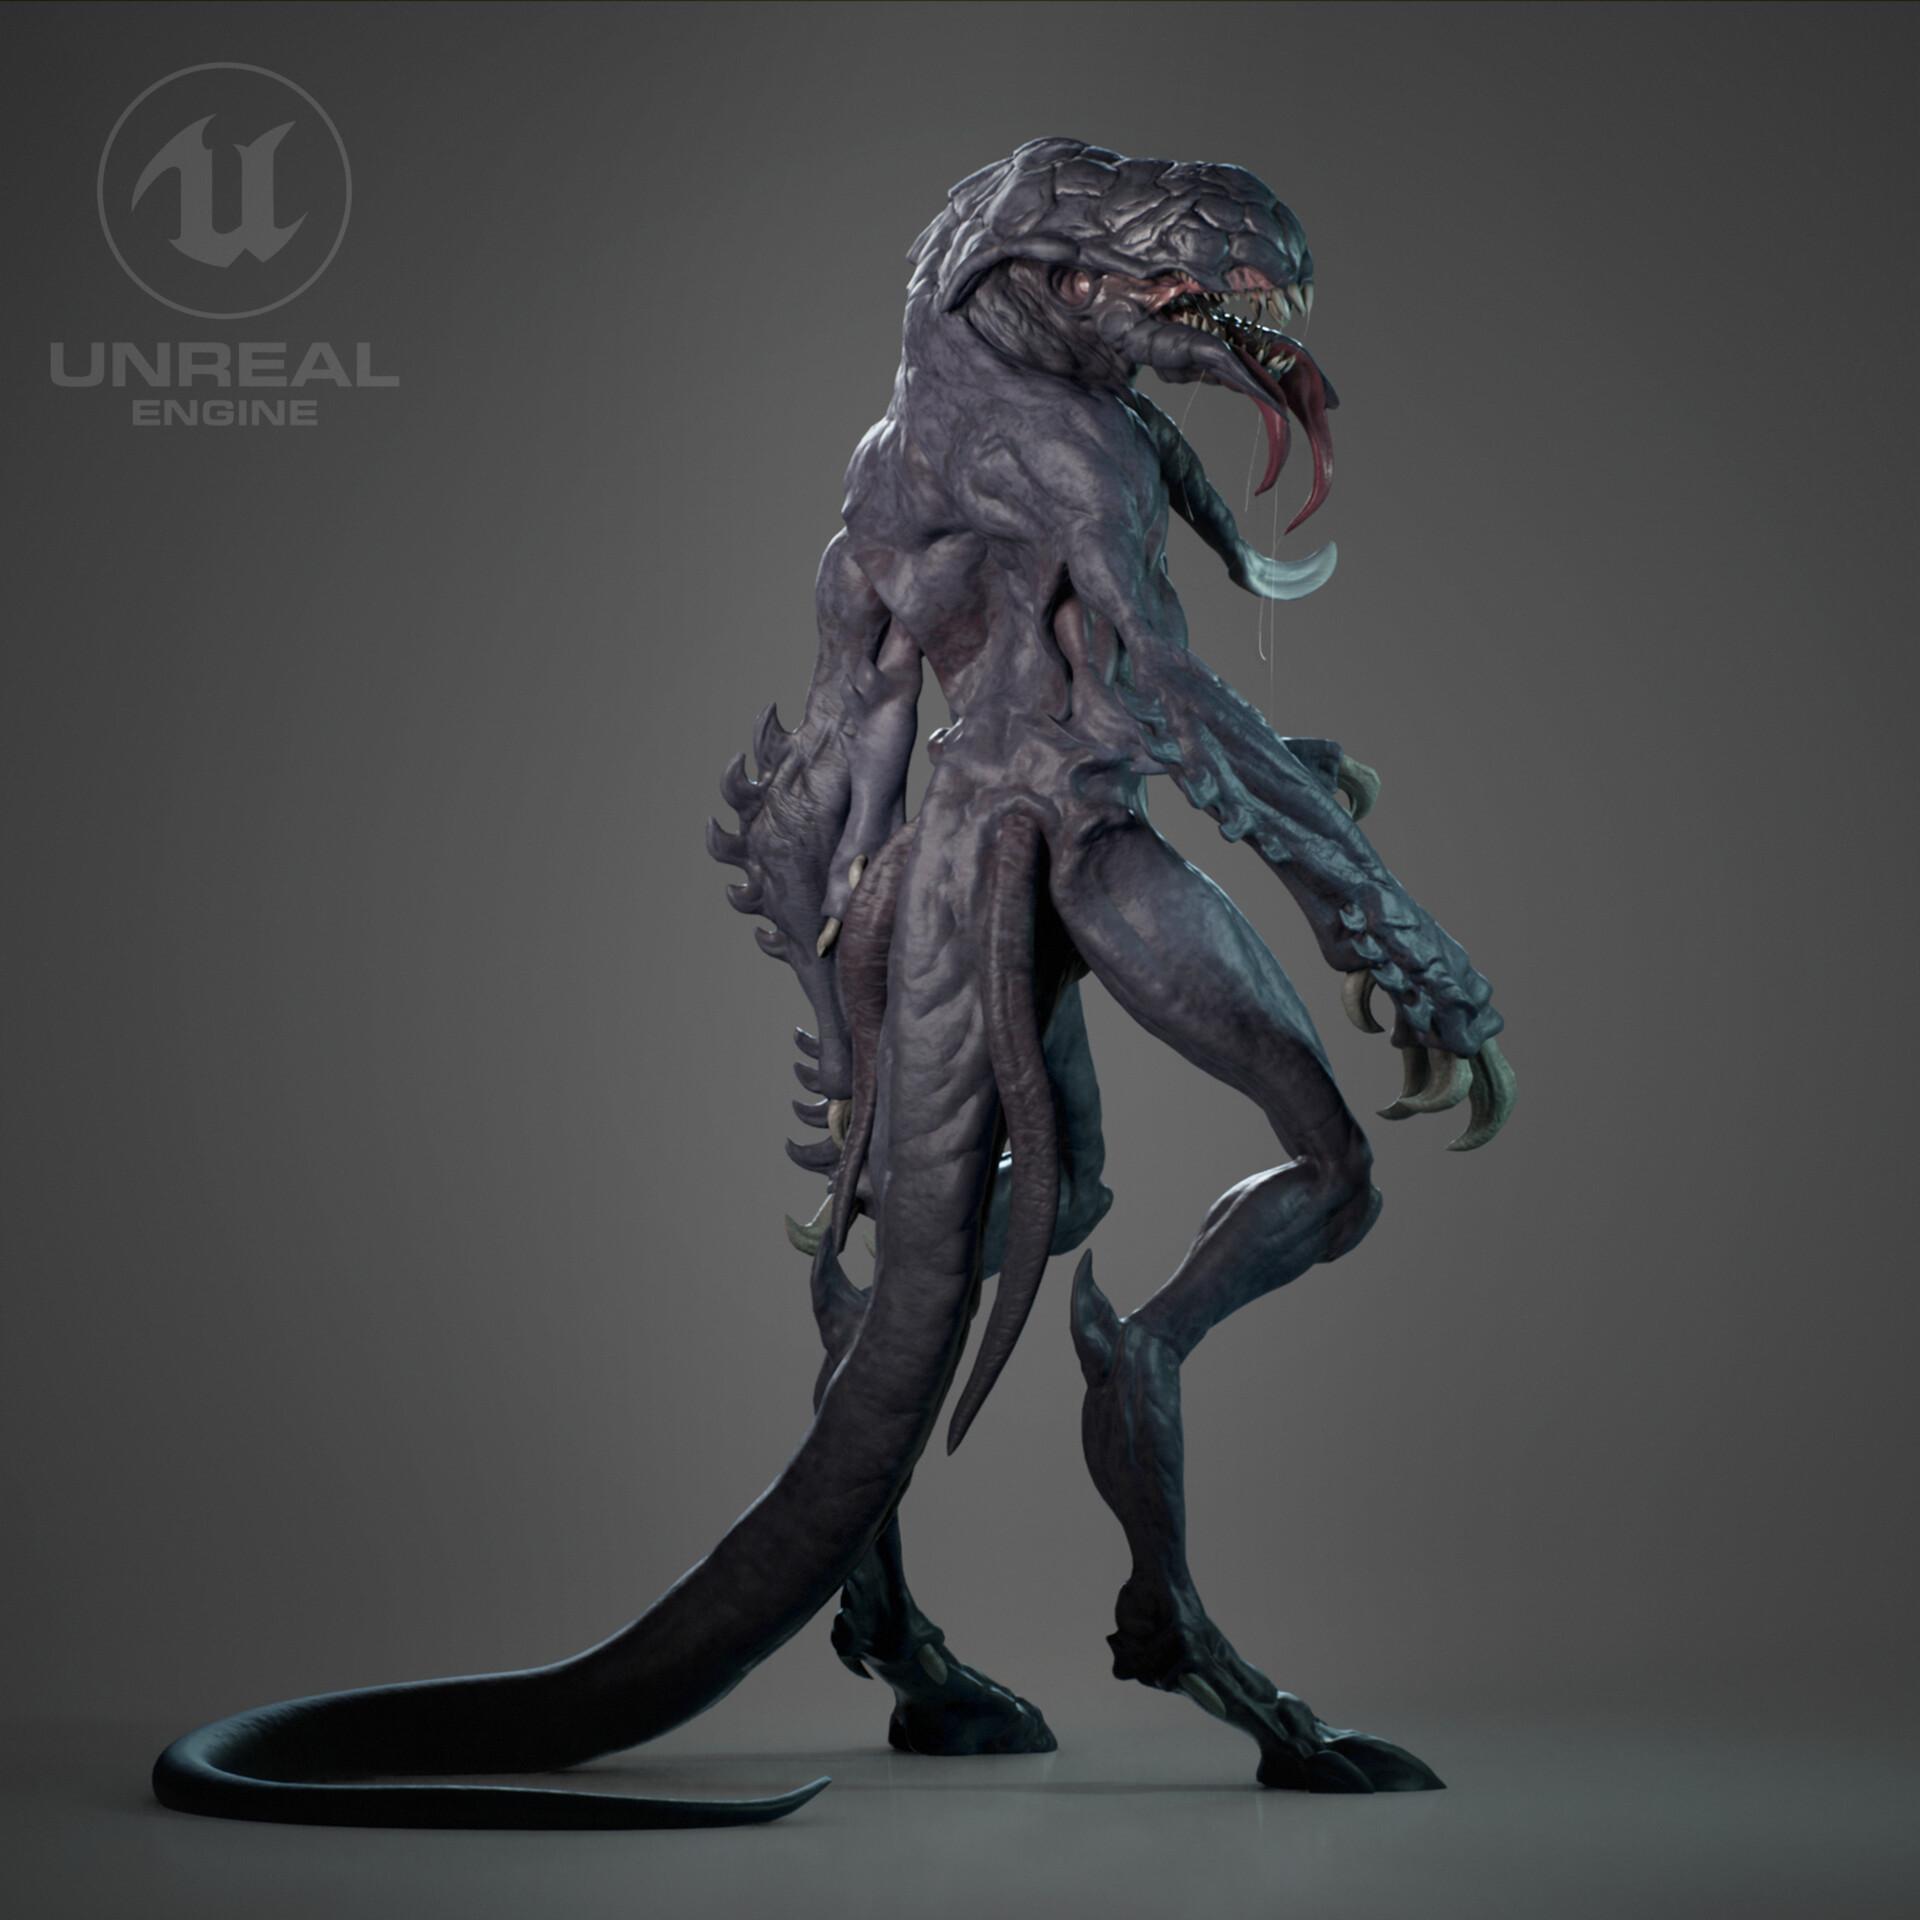 Fiore 05.Artstation Evil Alien Creature Eduardo Fiore